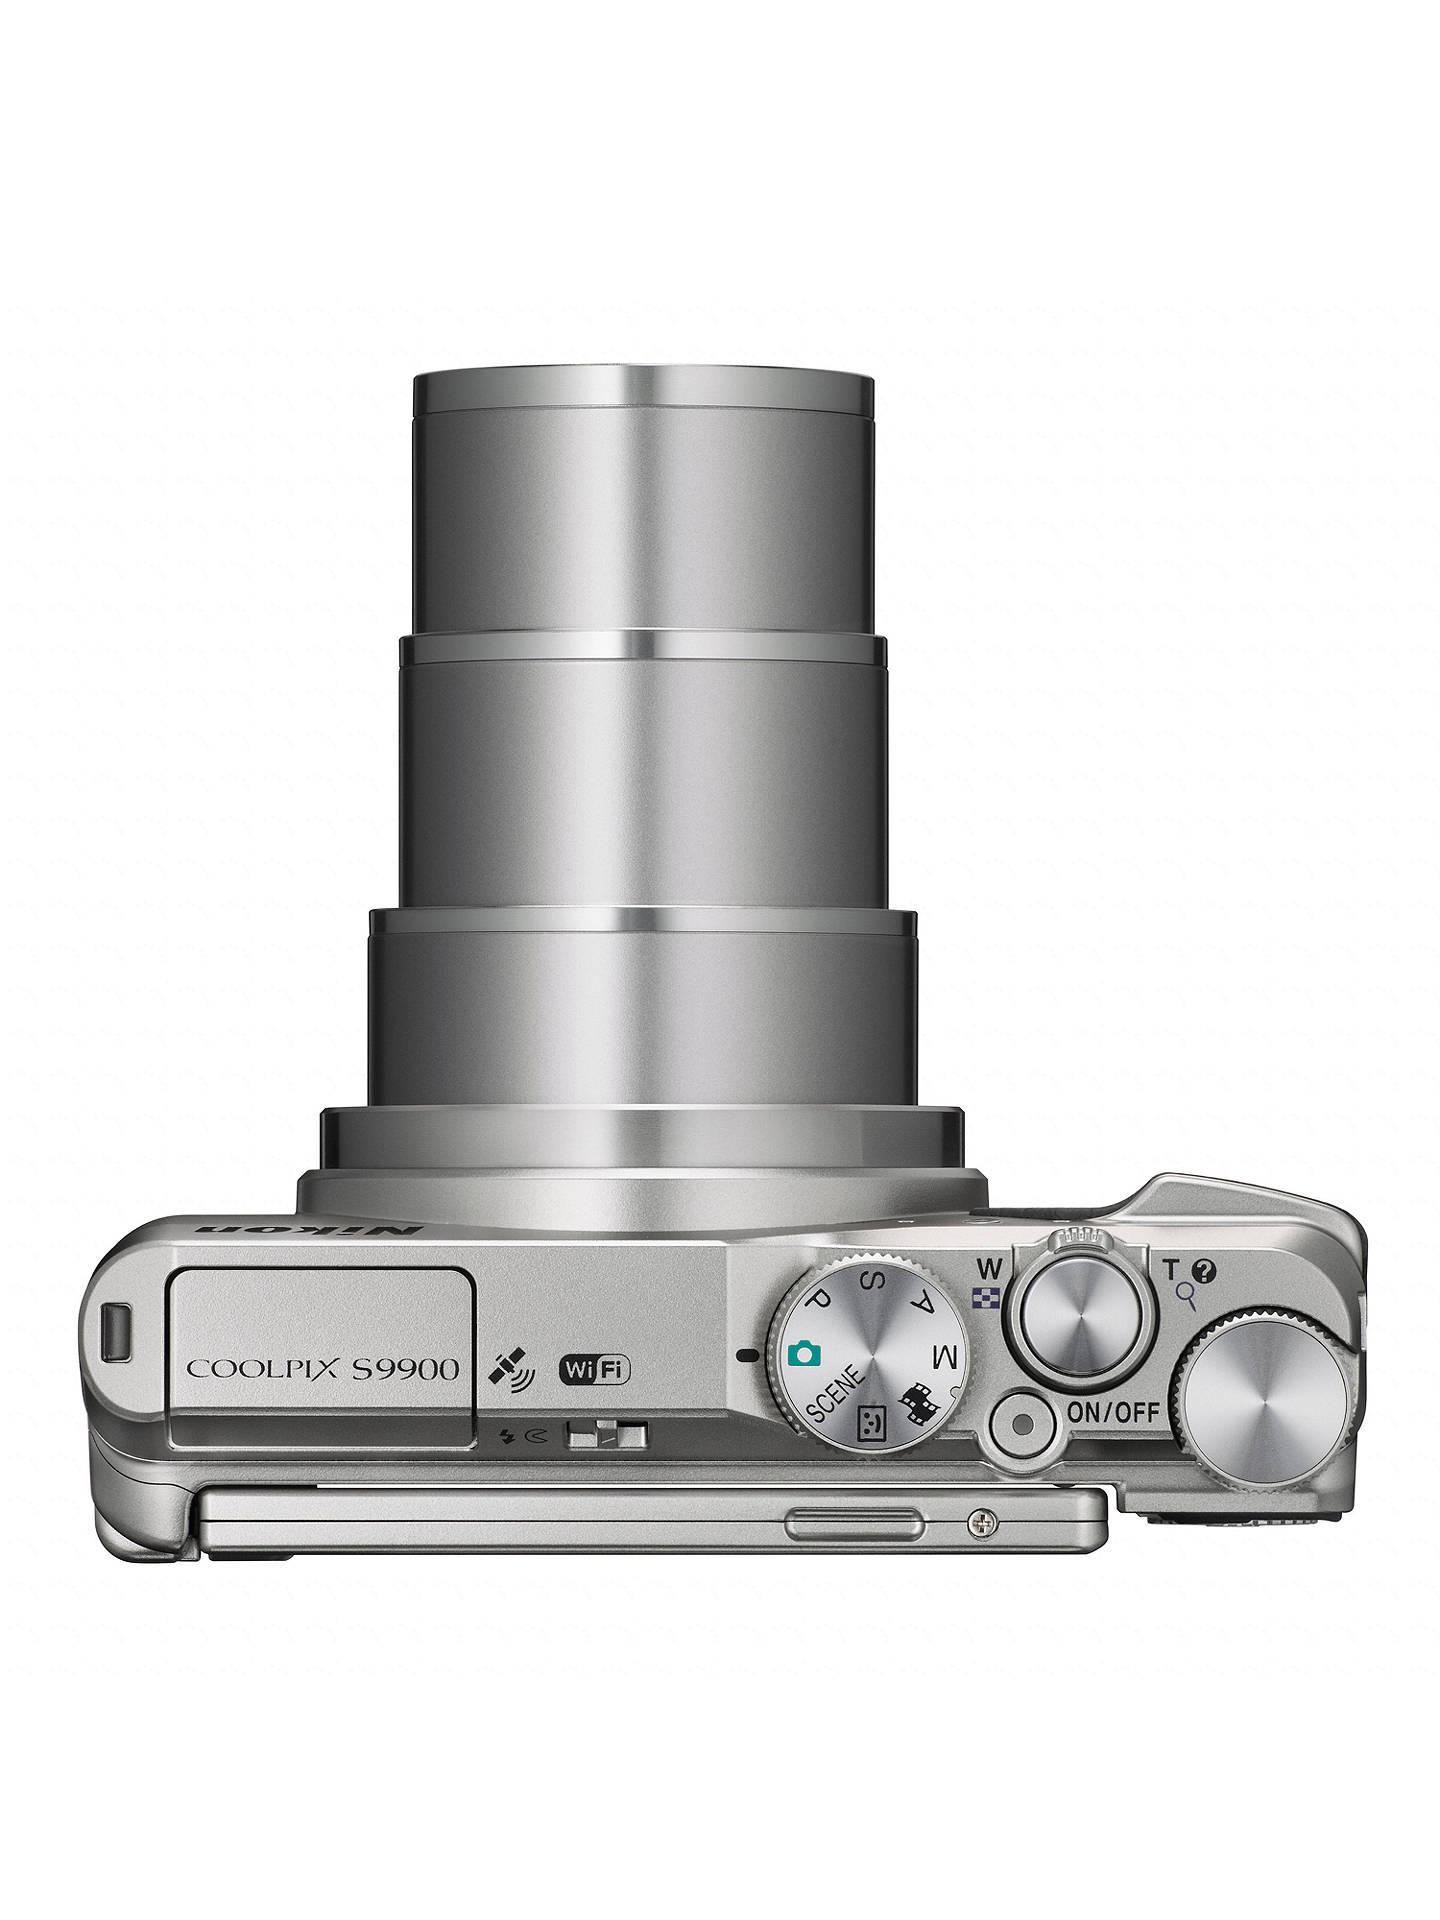 Nikon COOLPIX S9900 Smart Compact Digital Camera, 16MP, Full